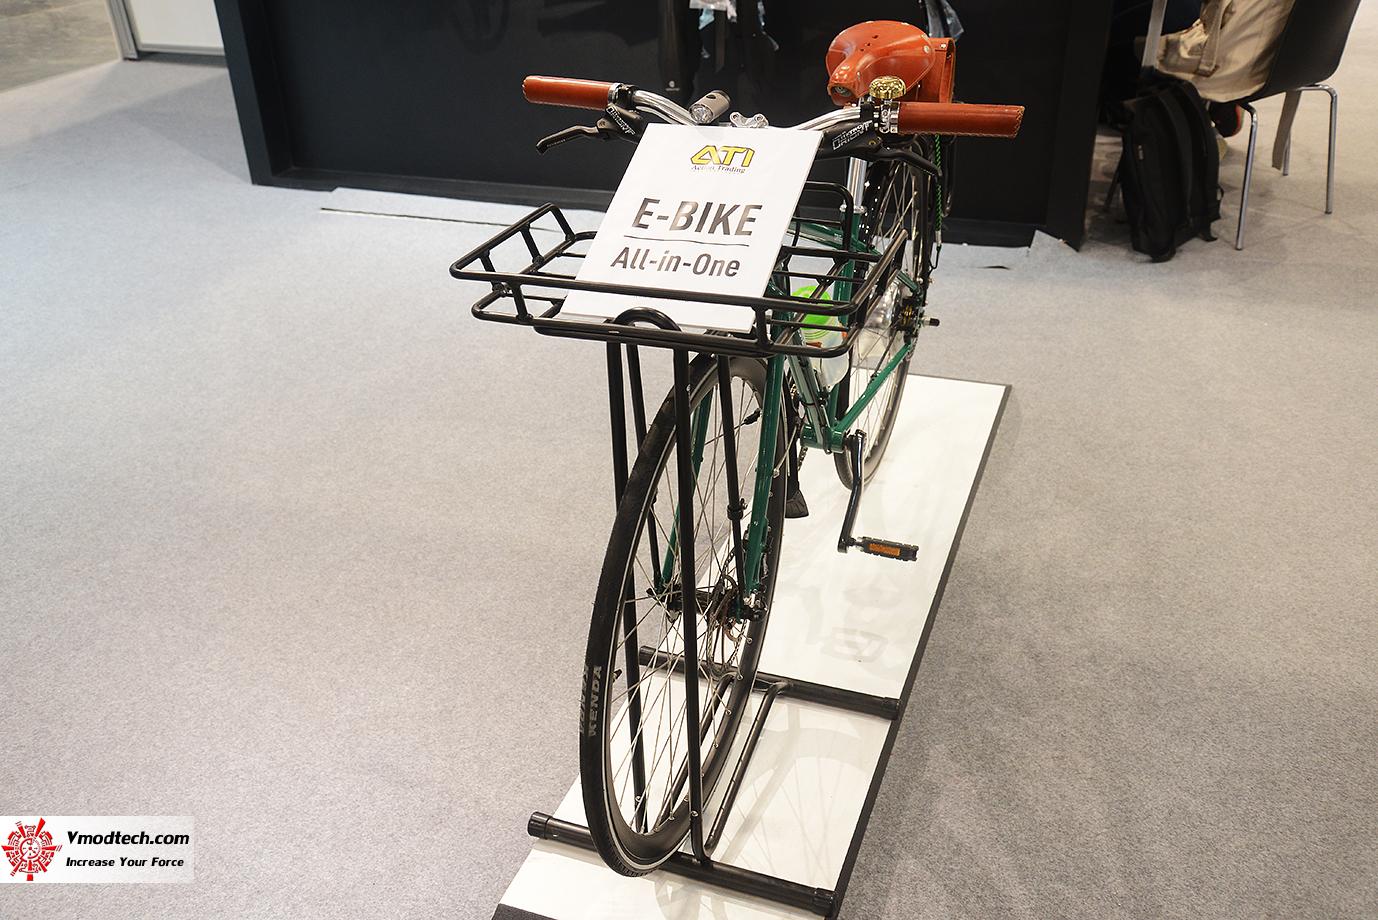 dsc 9178 เยี่ยมชมงาน TAIPEI CYCLE 2019 งานของคนรักจักรยาน ณ กรุงไทเป ประเทศไต้หวัน